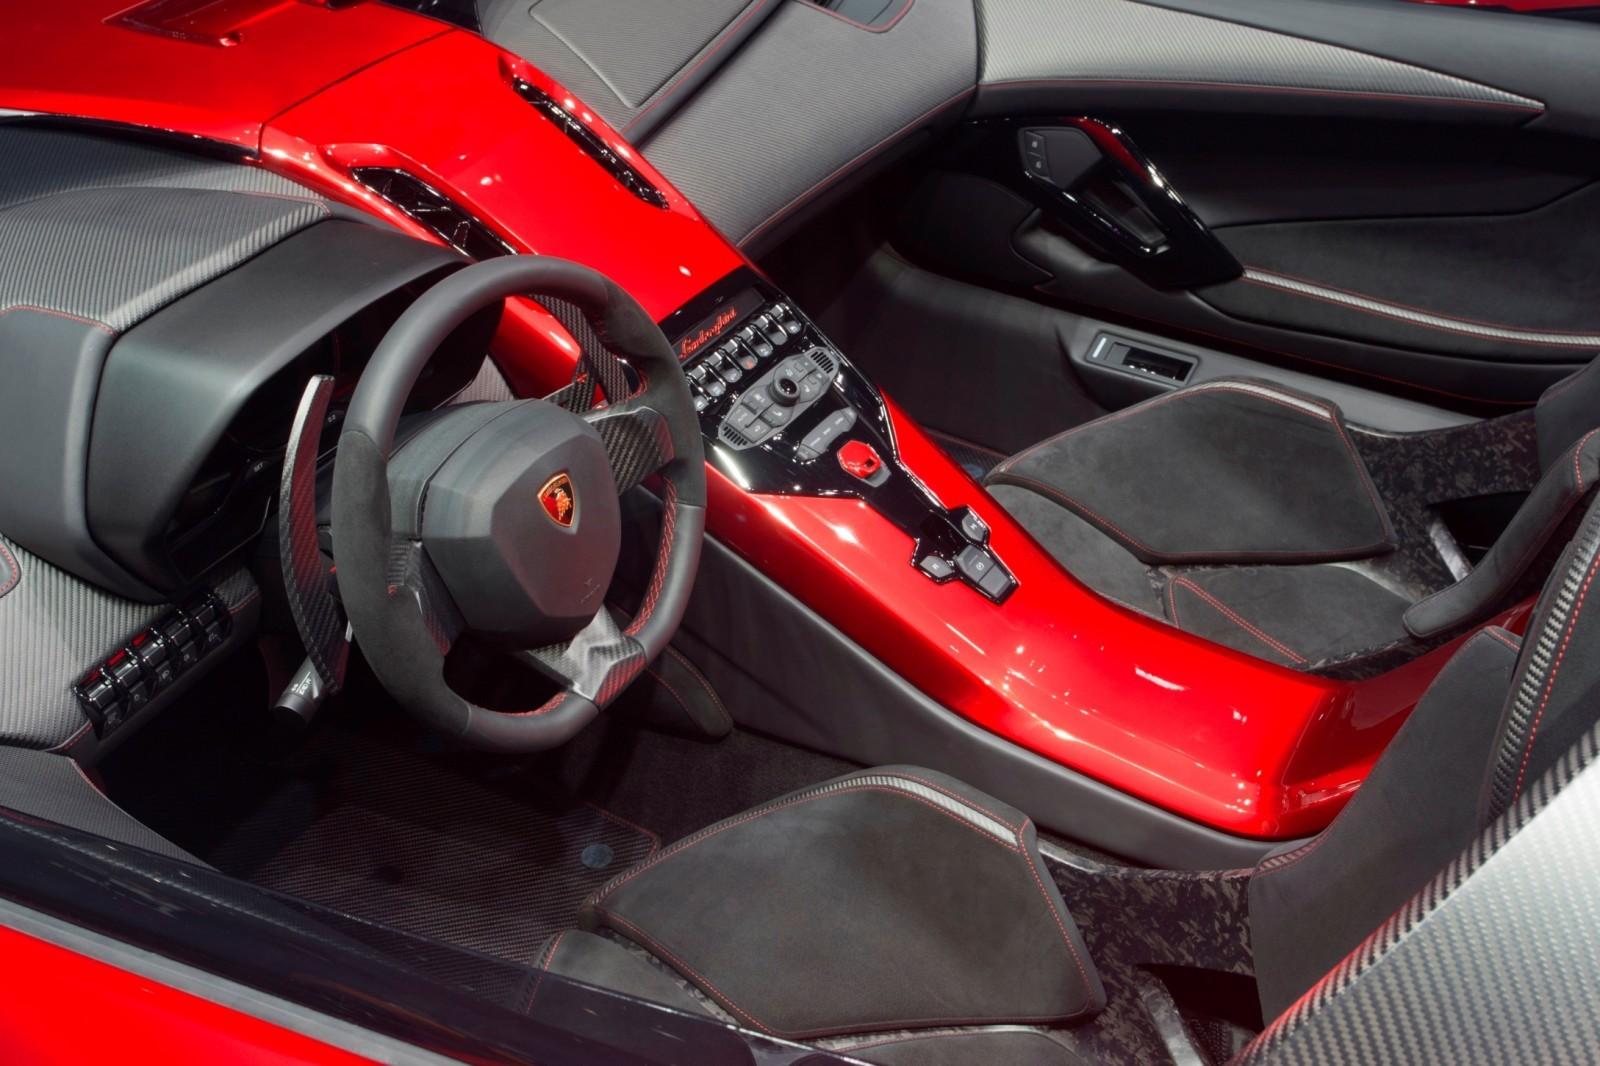 Hypercar Showcase - 2014 Lamborghini Aventador Trumped Only By Aventador J and Aventador Roadster 29